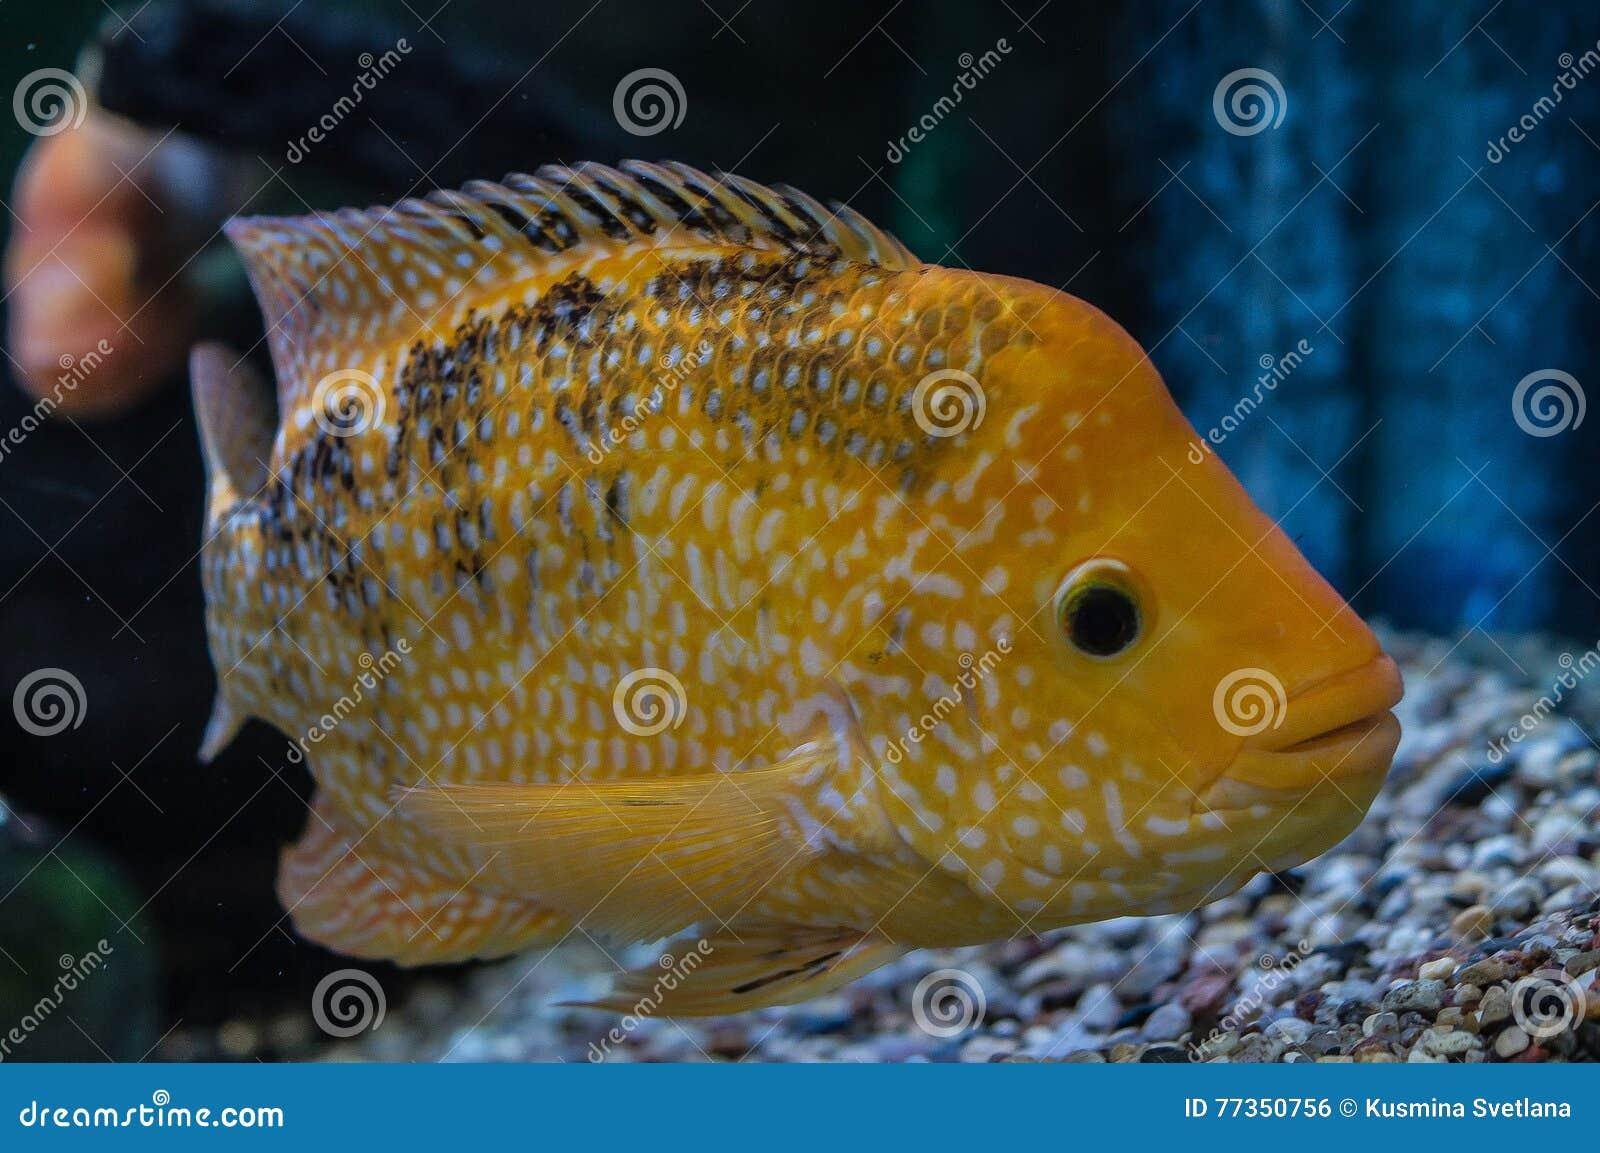 Pescados ornamentales del acuario foto de archivo imagen for Acuarios ornamentales